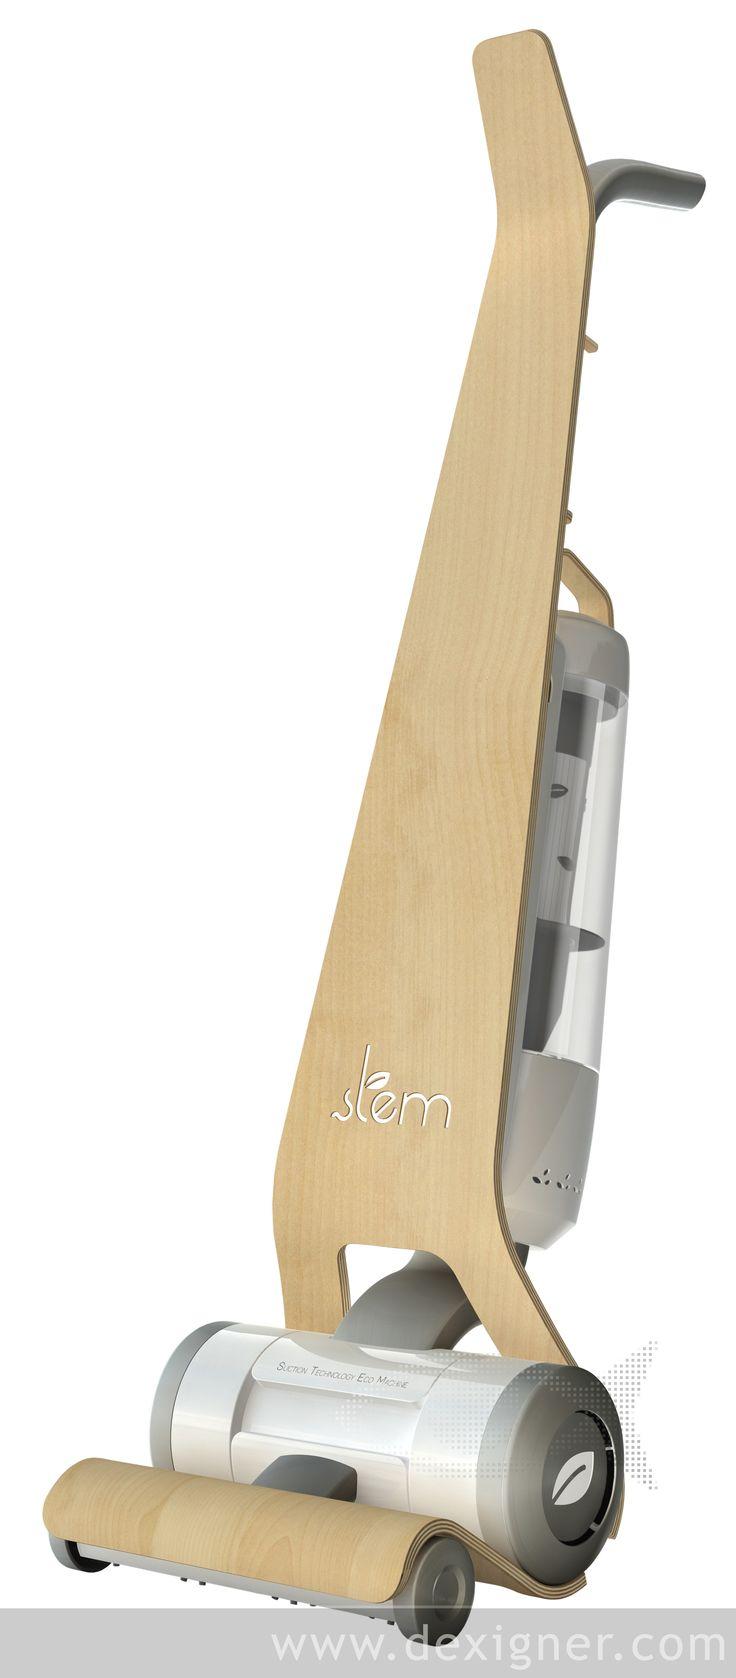 Stem Eco-friendly Vacuum Design